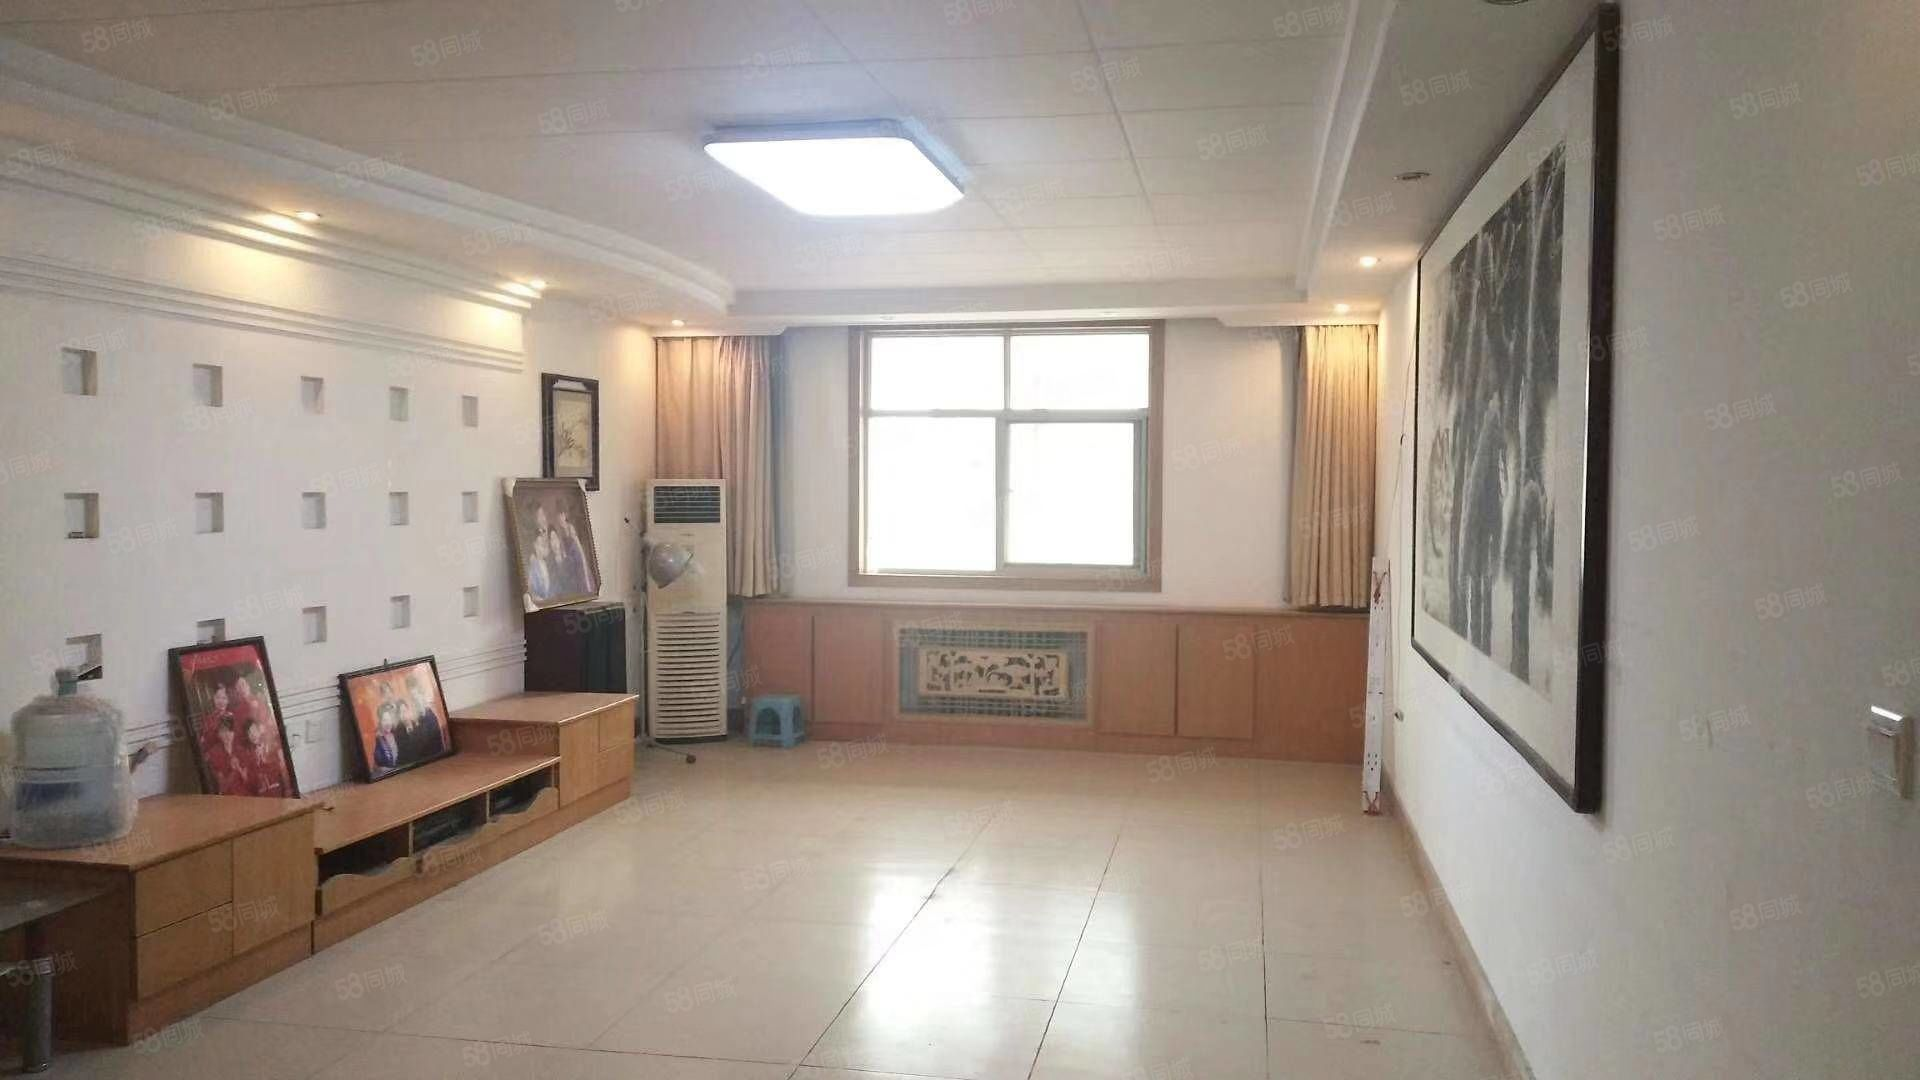 心悦城近安居新村单价4000的房子地下室也有证